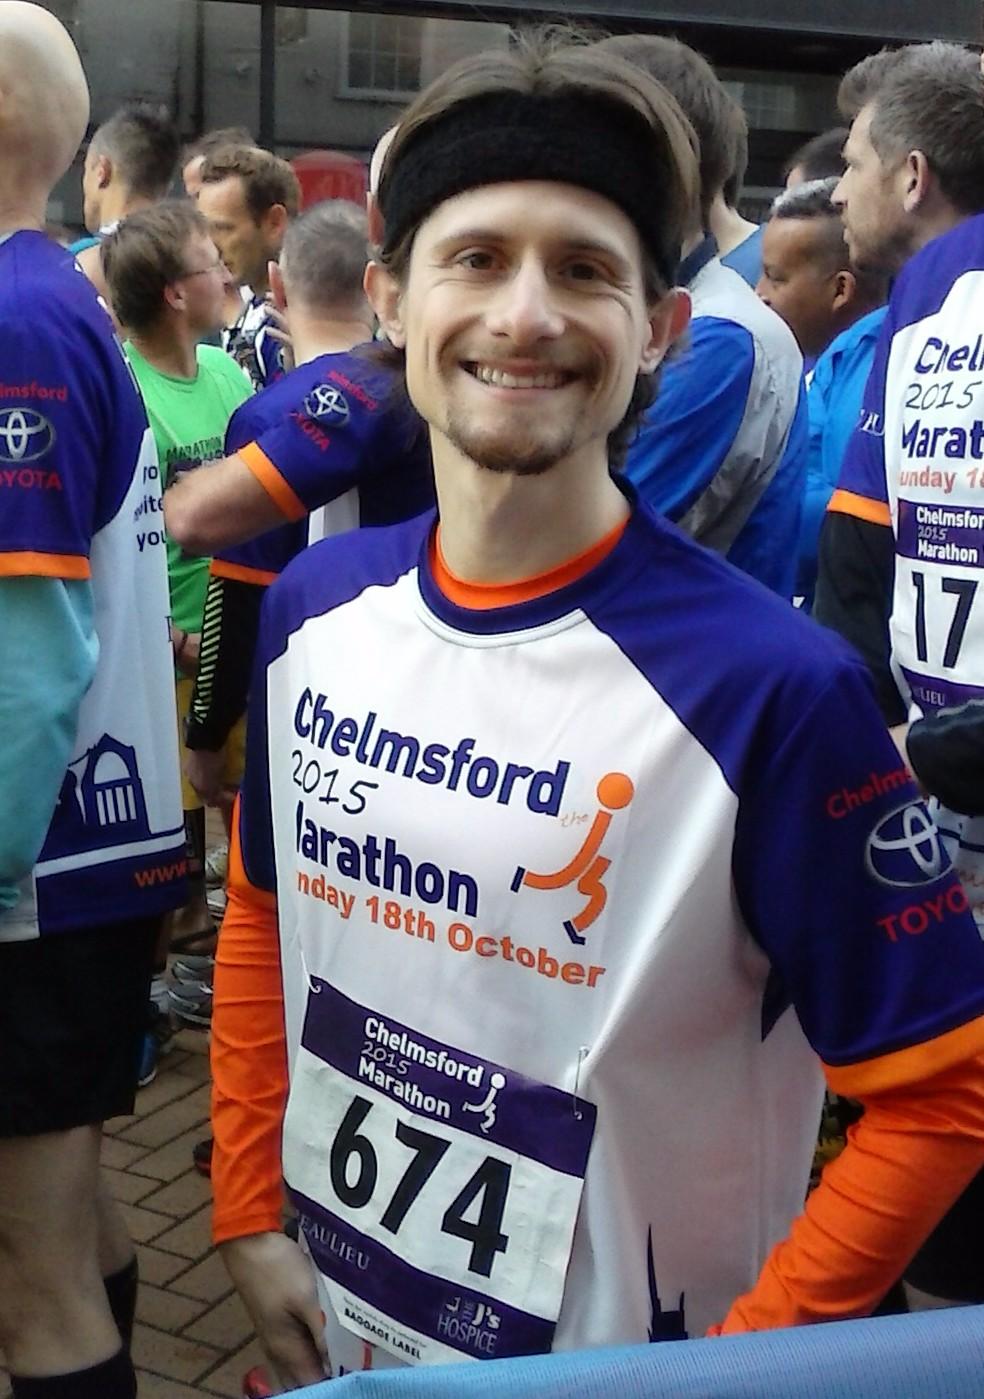 Pre Chelmsford Marathon 2015